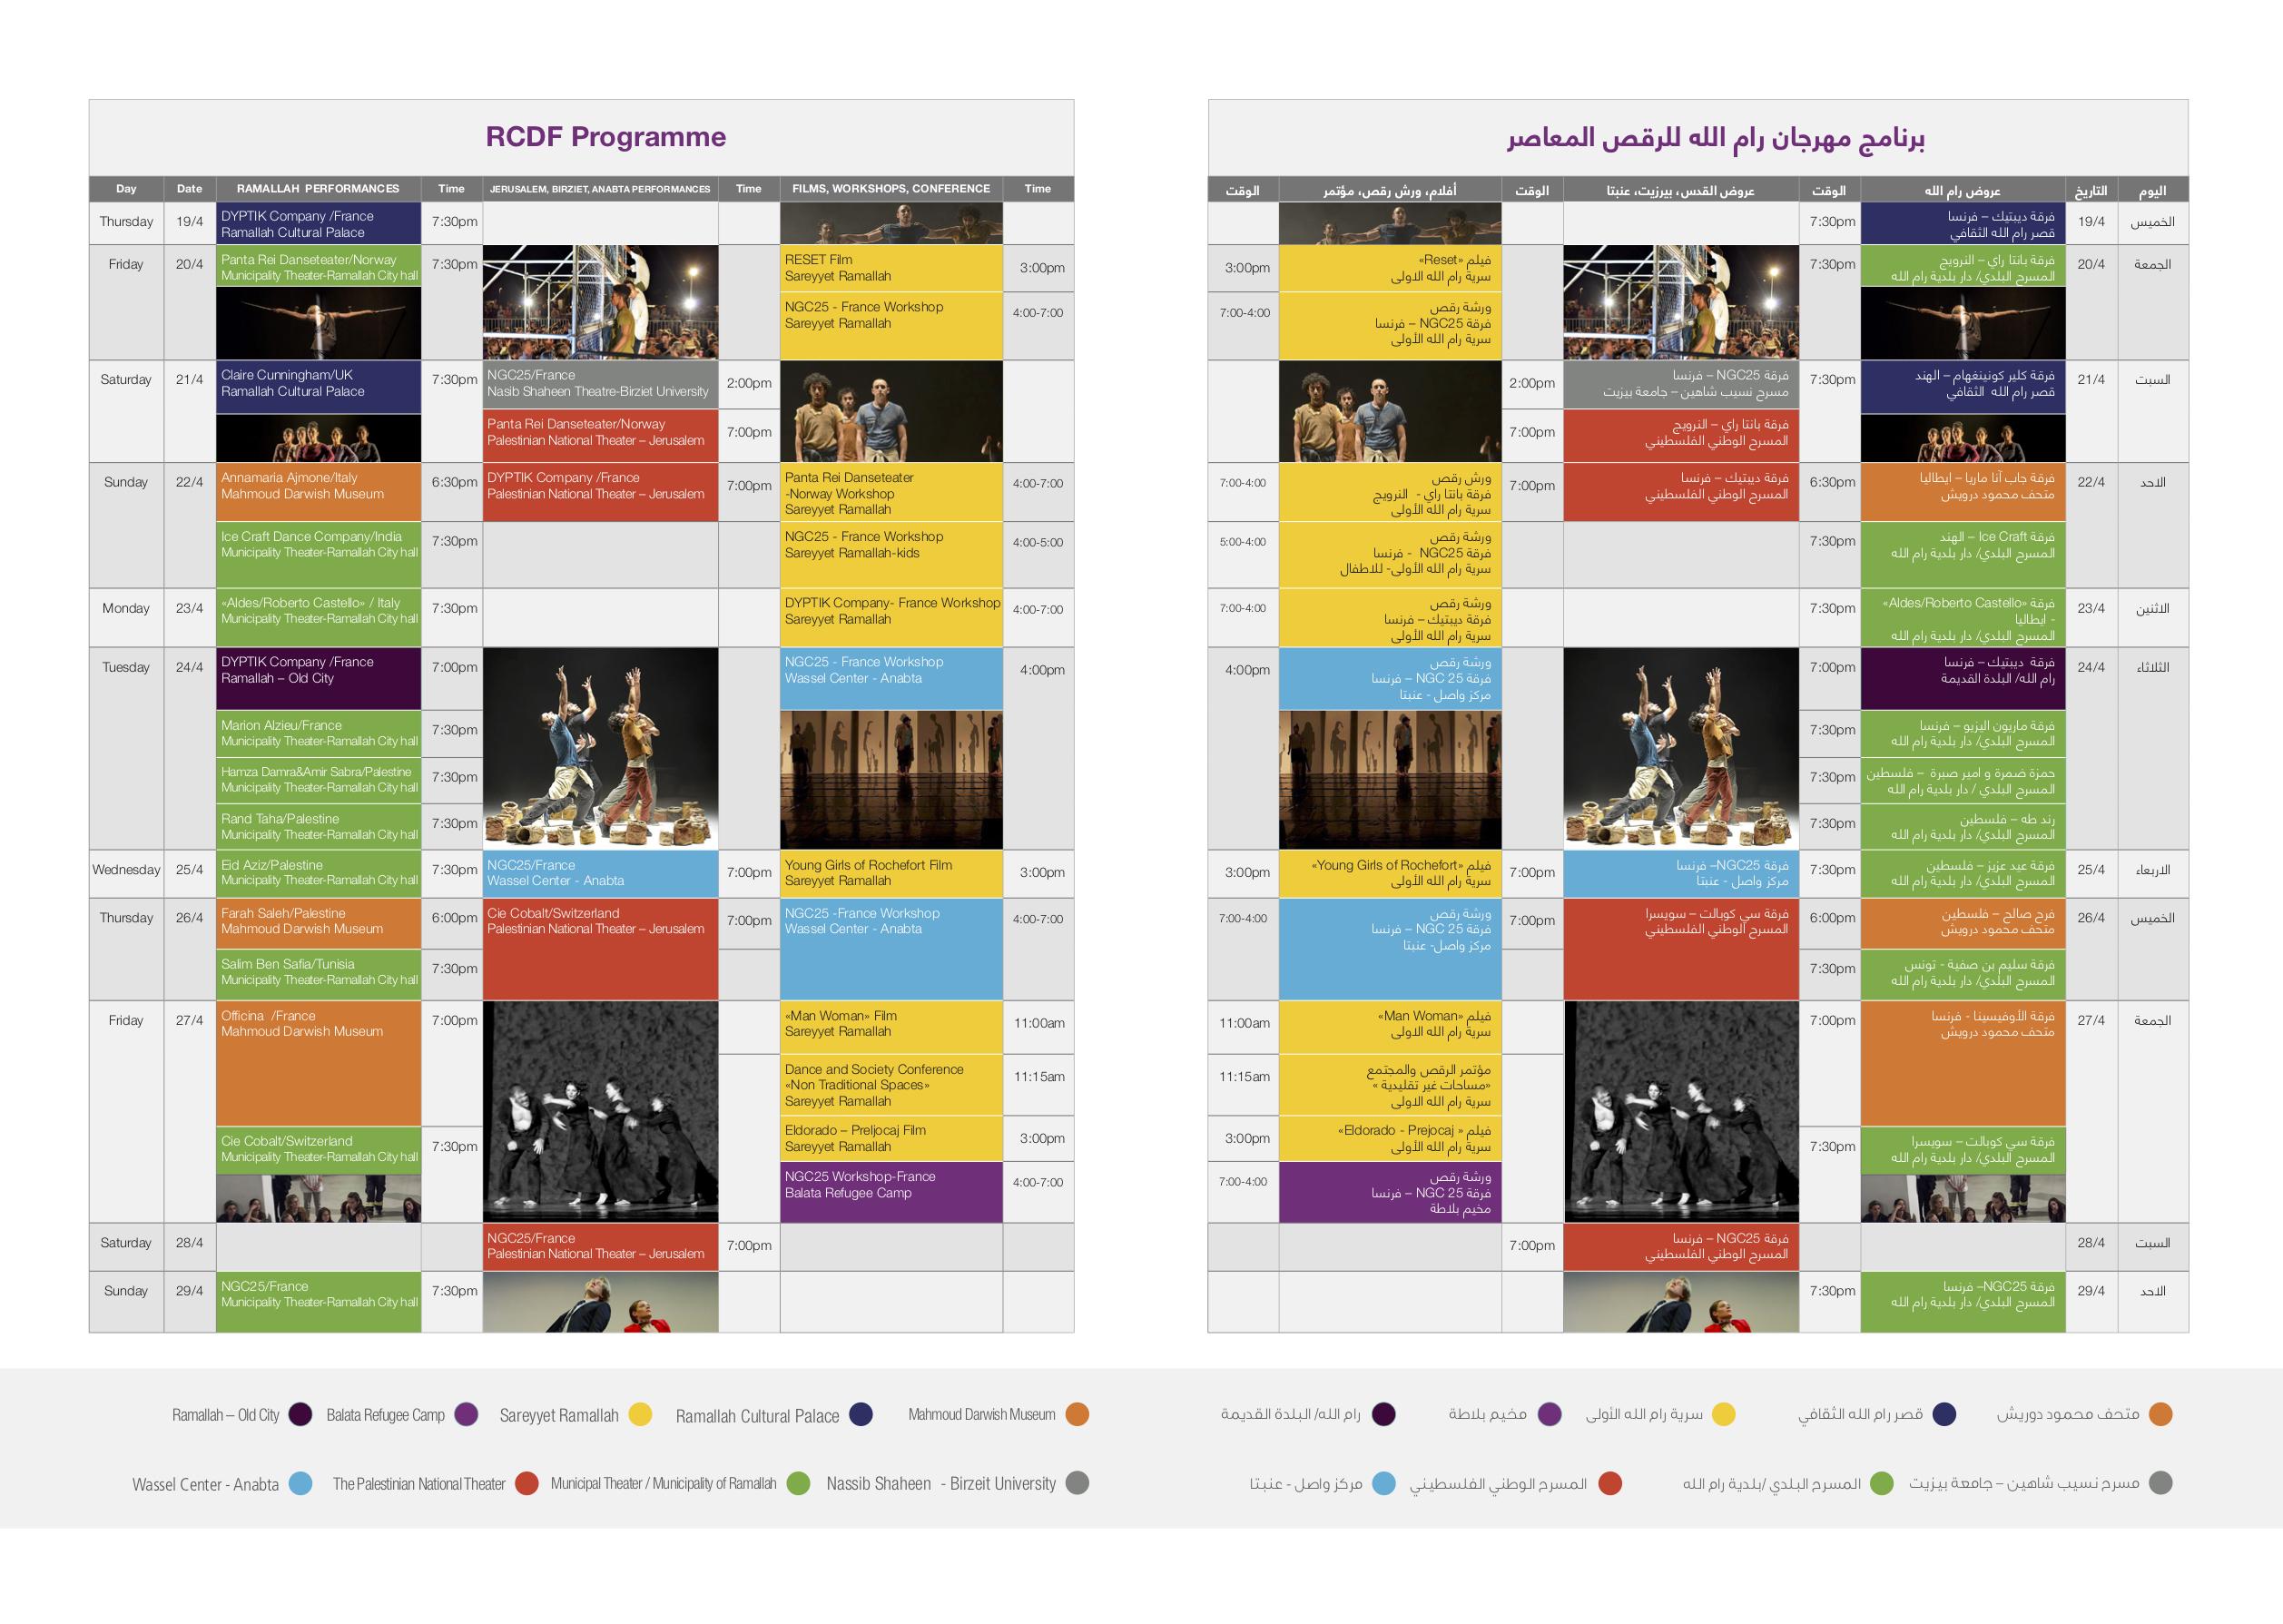 مهرجان رام الله للرقص المعاصر: 19 – 29 نيسان 2018